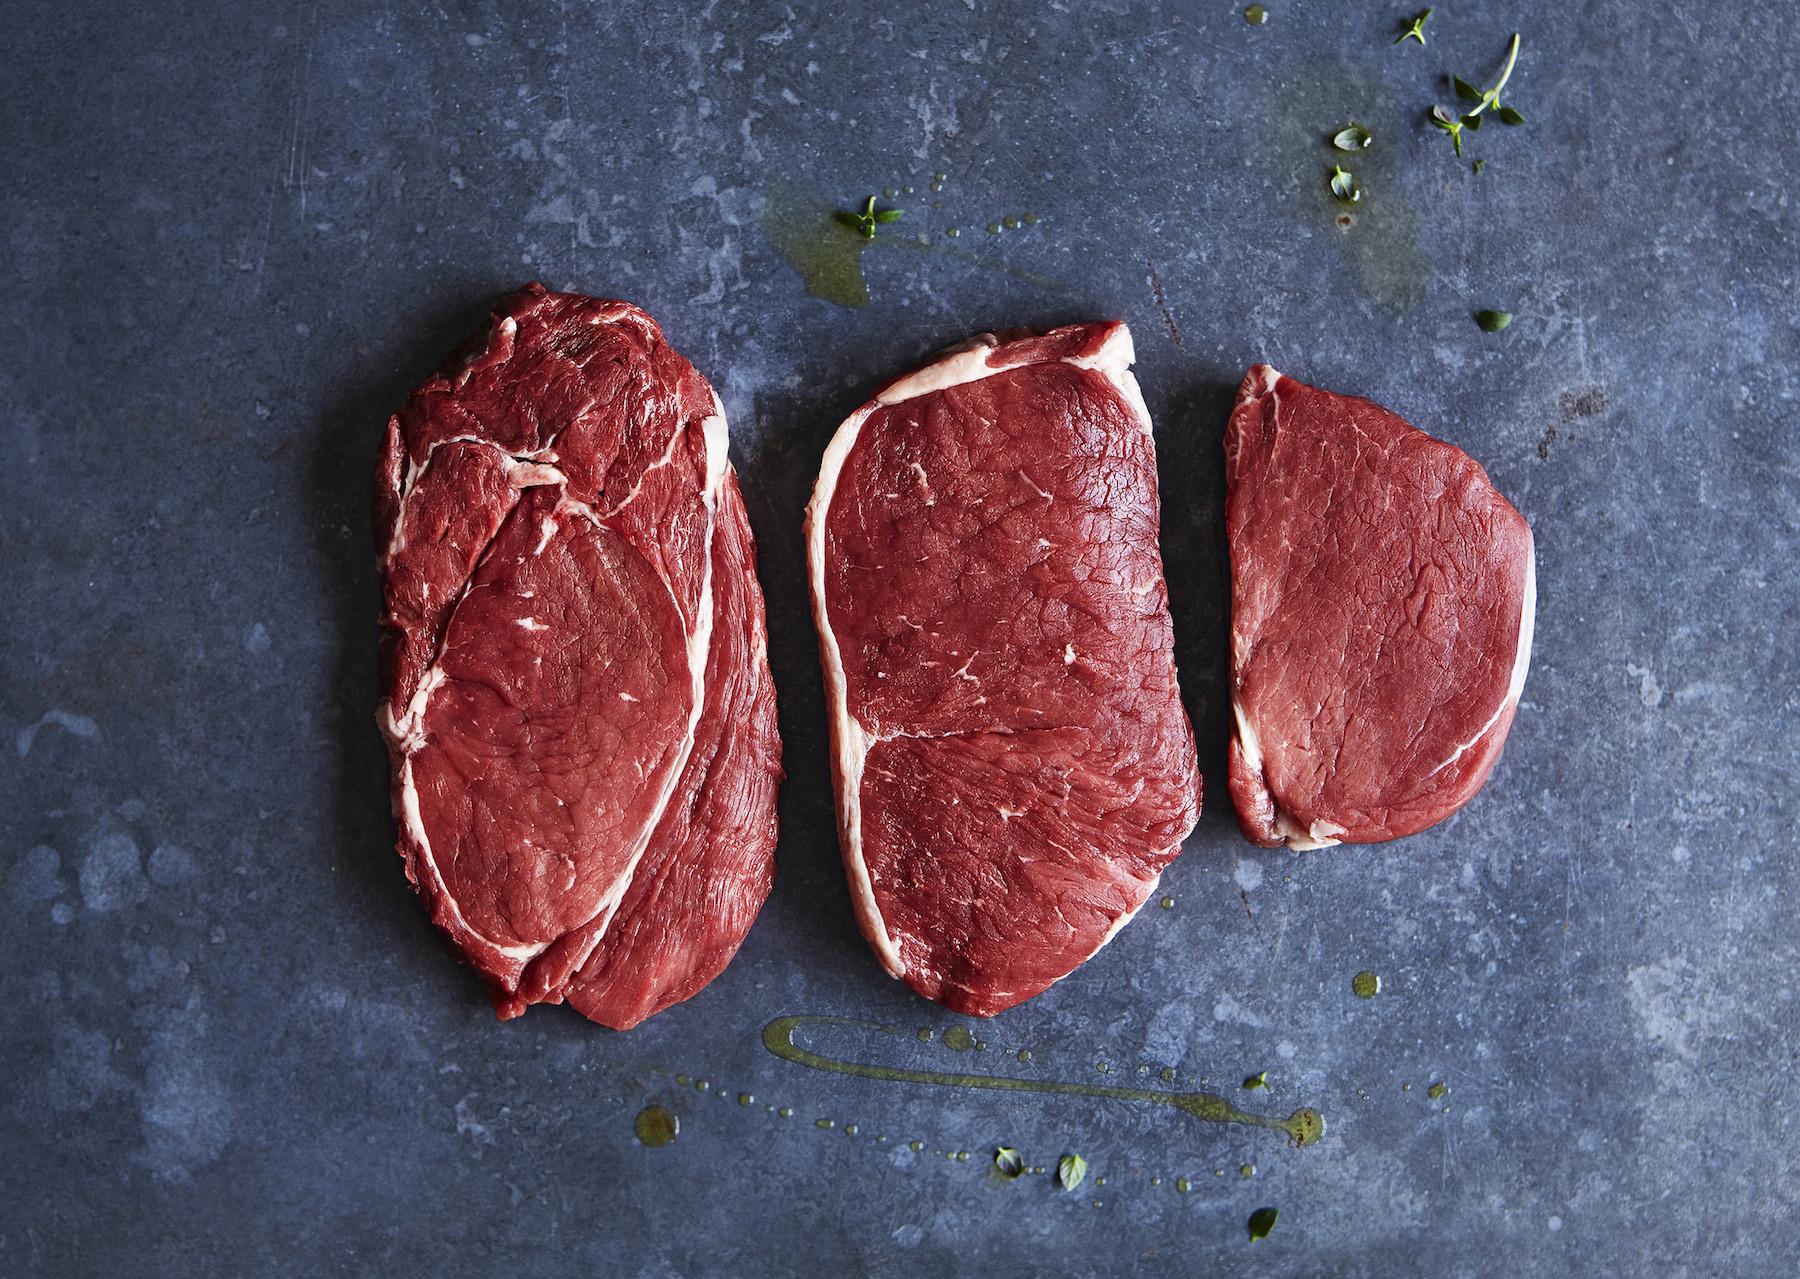 07-icon-artist-management-katie-hammond-food-angus_butchers_steak.jpg